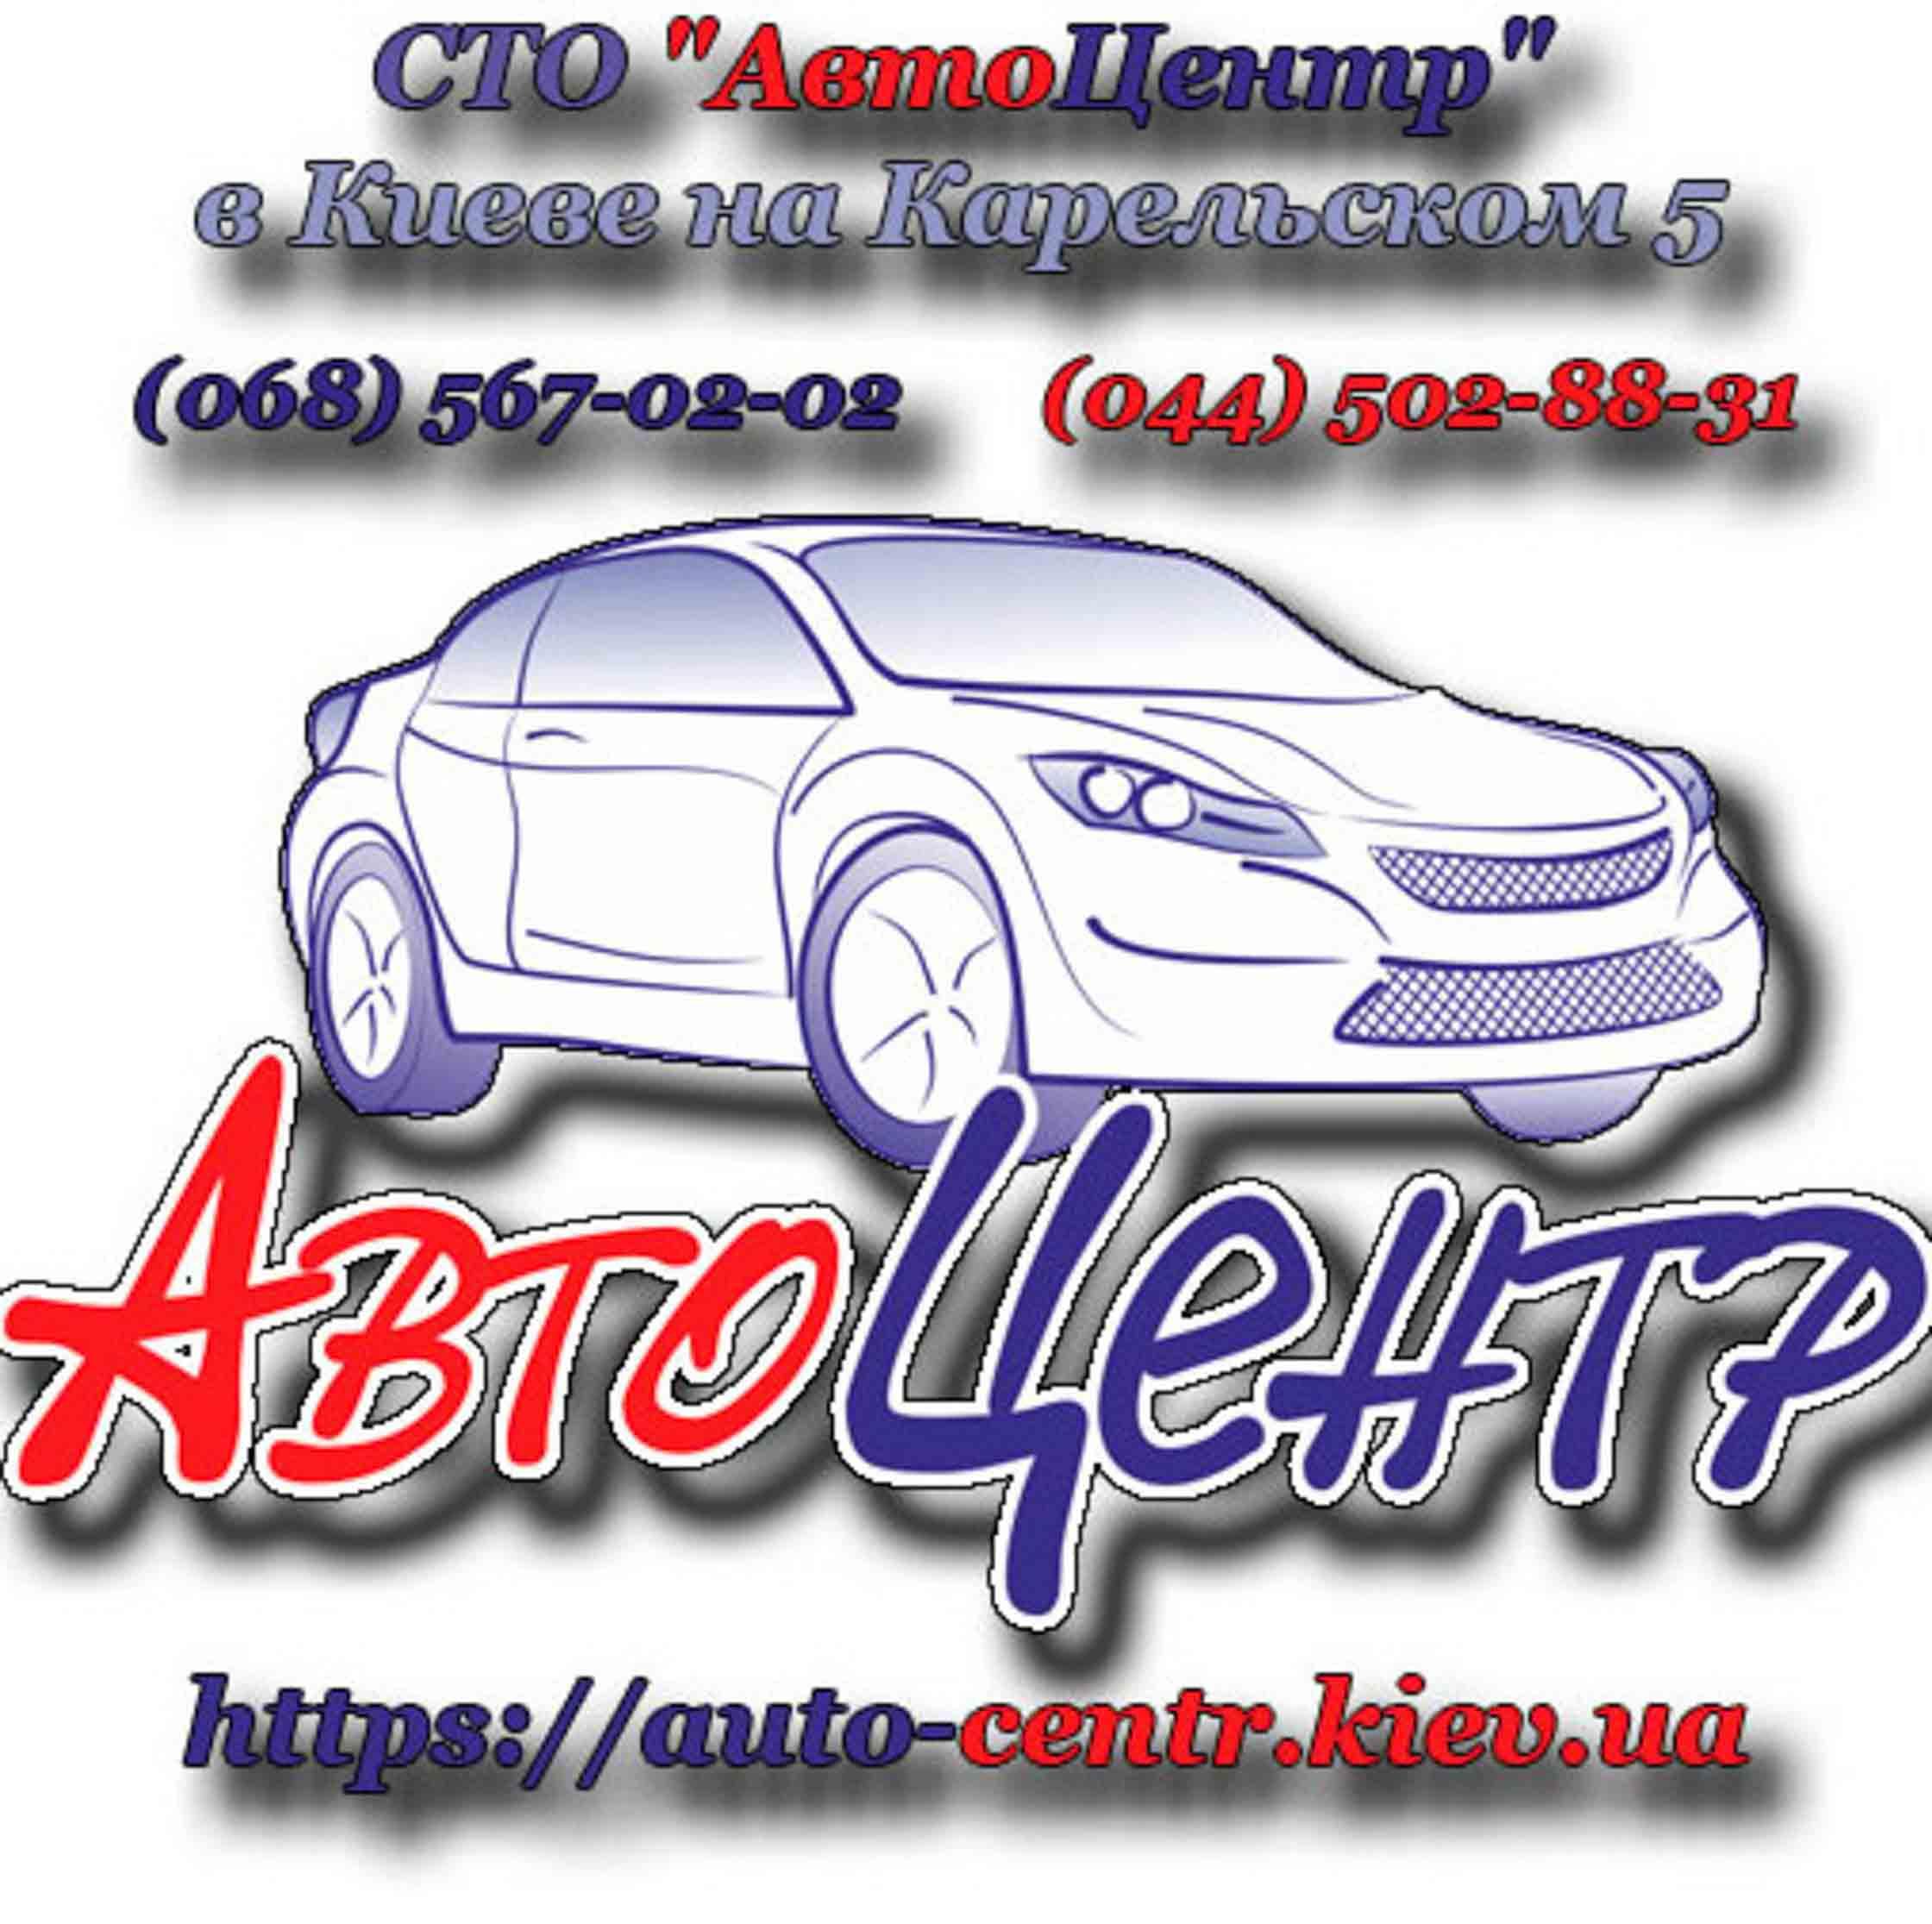 СТО «Автоцентр» - комплексное обслуживание и ремонт автомобилей фото 1